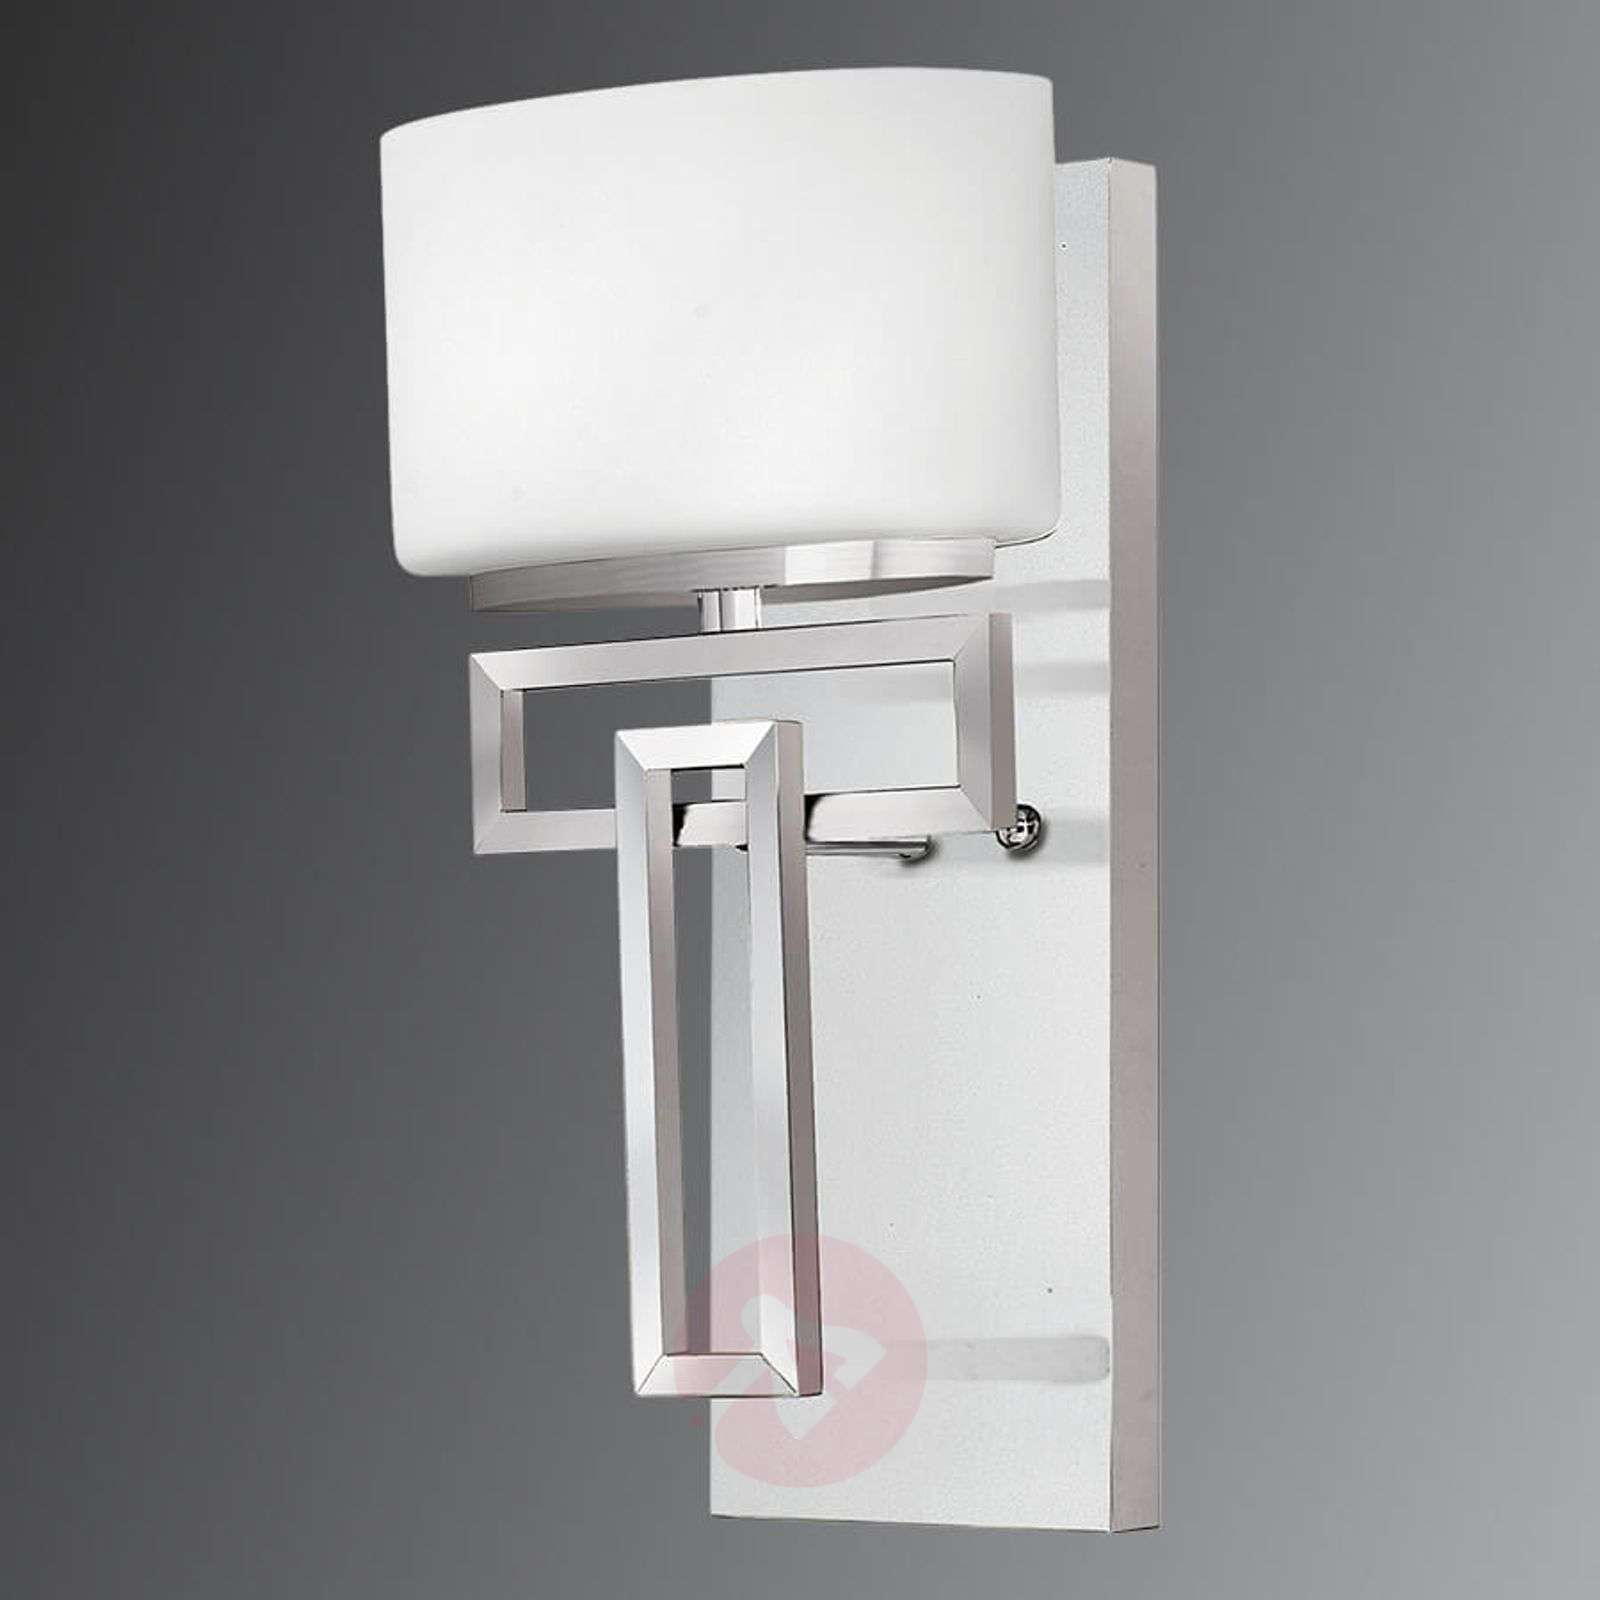 Suoralinjainen Lanza-kylpyhuoneen seinävalaisin-3048636-01